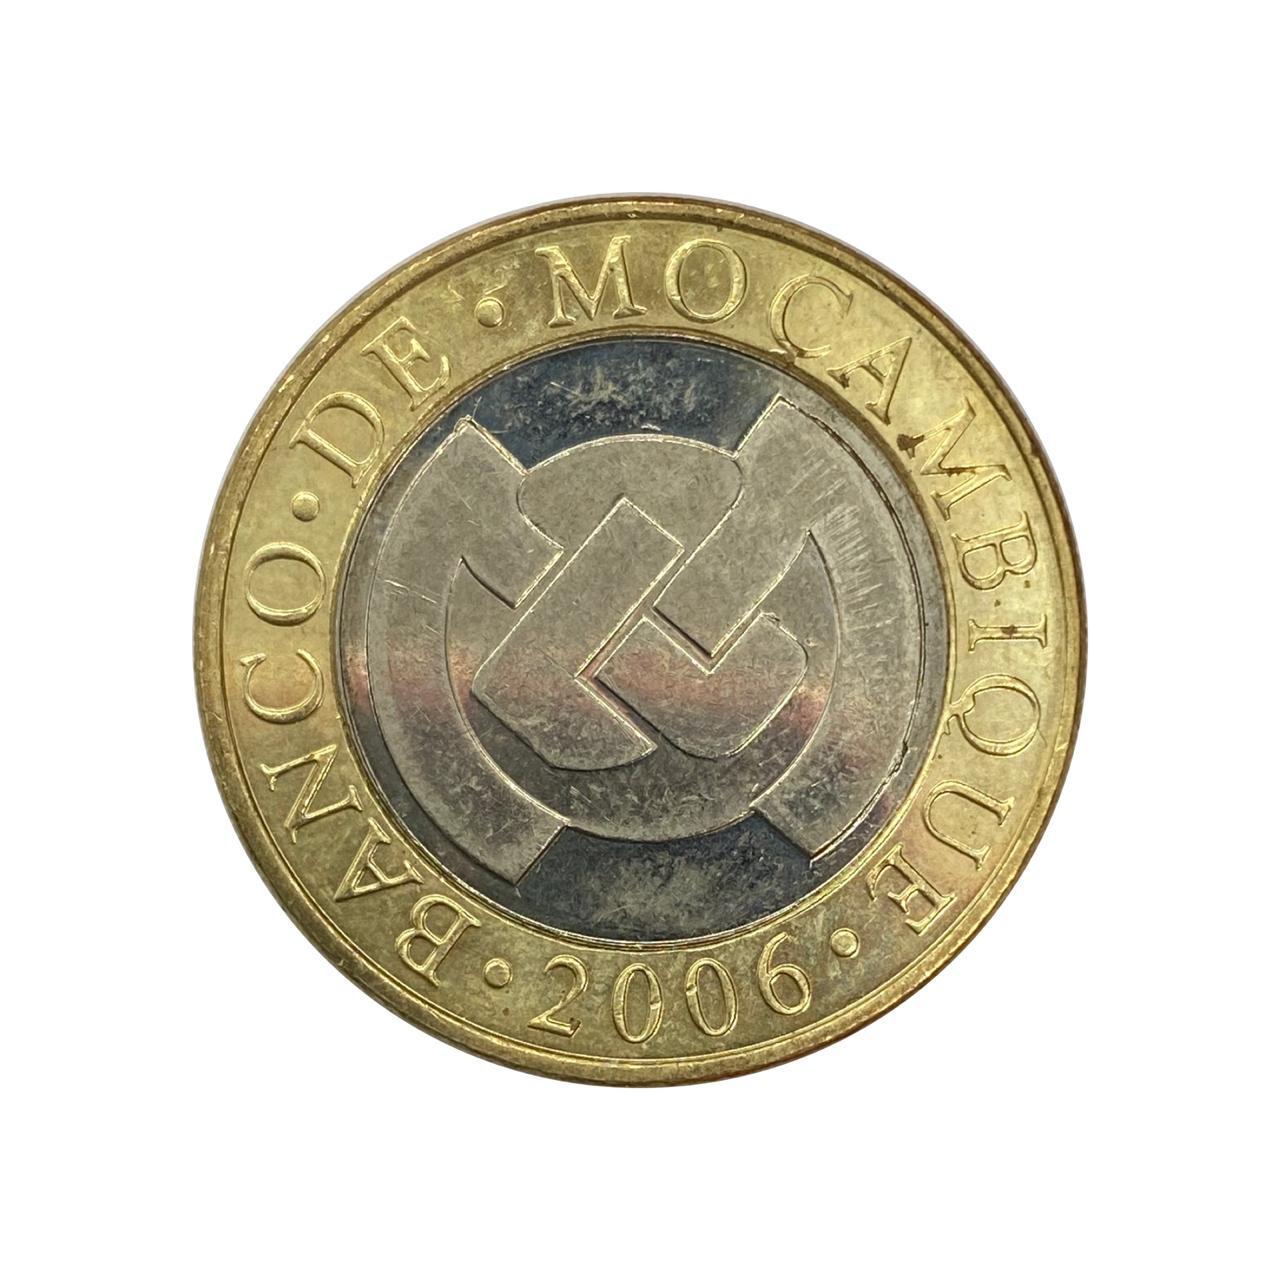 Moeda Moçambique 10 Meticais 2006 SOB